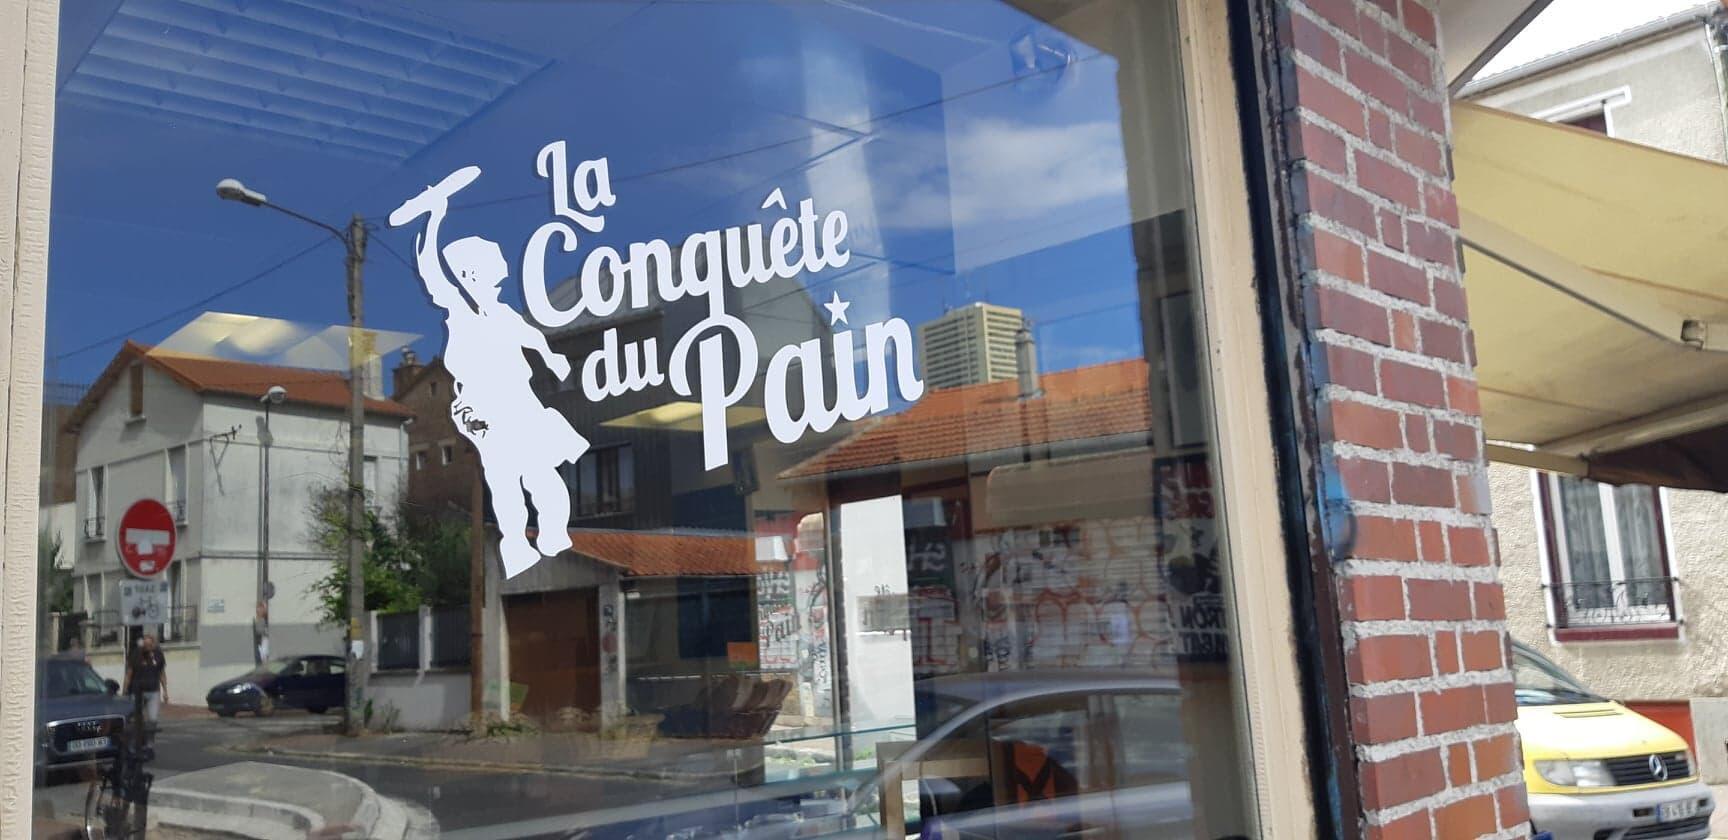 """Padaria anarco-comunista """"La Conquête du Pain"""", """"A Conquista do Pão"""", em Montreuil, nos arredores de Paris."""